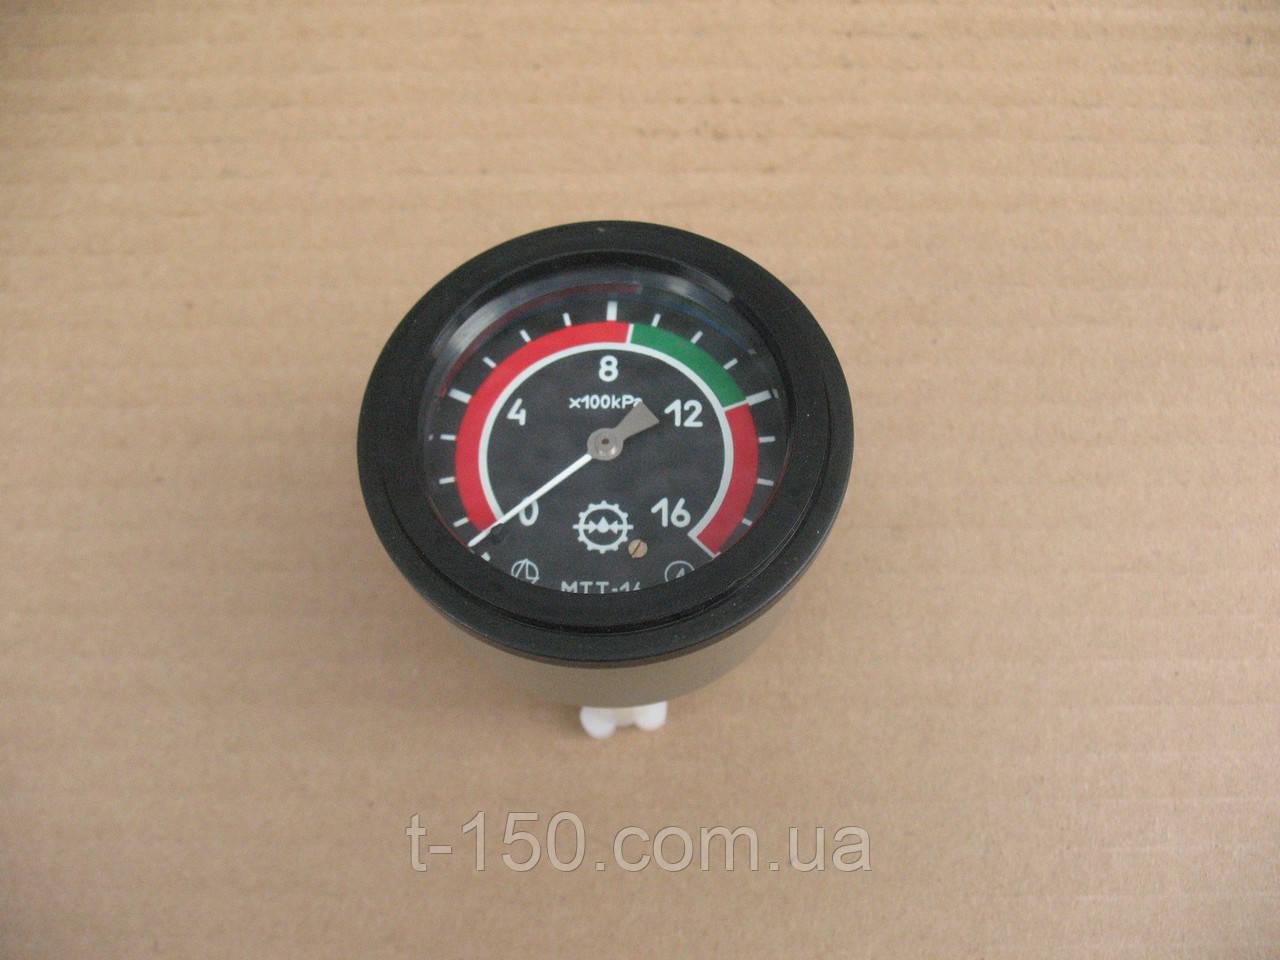 Указатель давления масла на 16 атмосфер Т-150 (Минск) (МД 225-500)